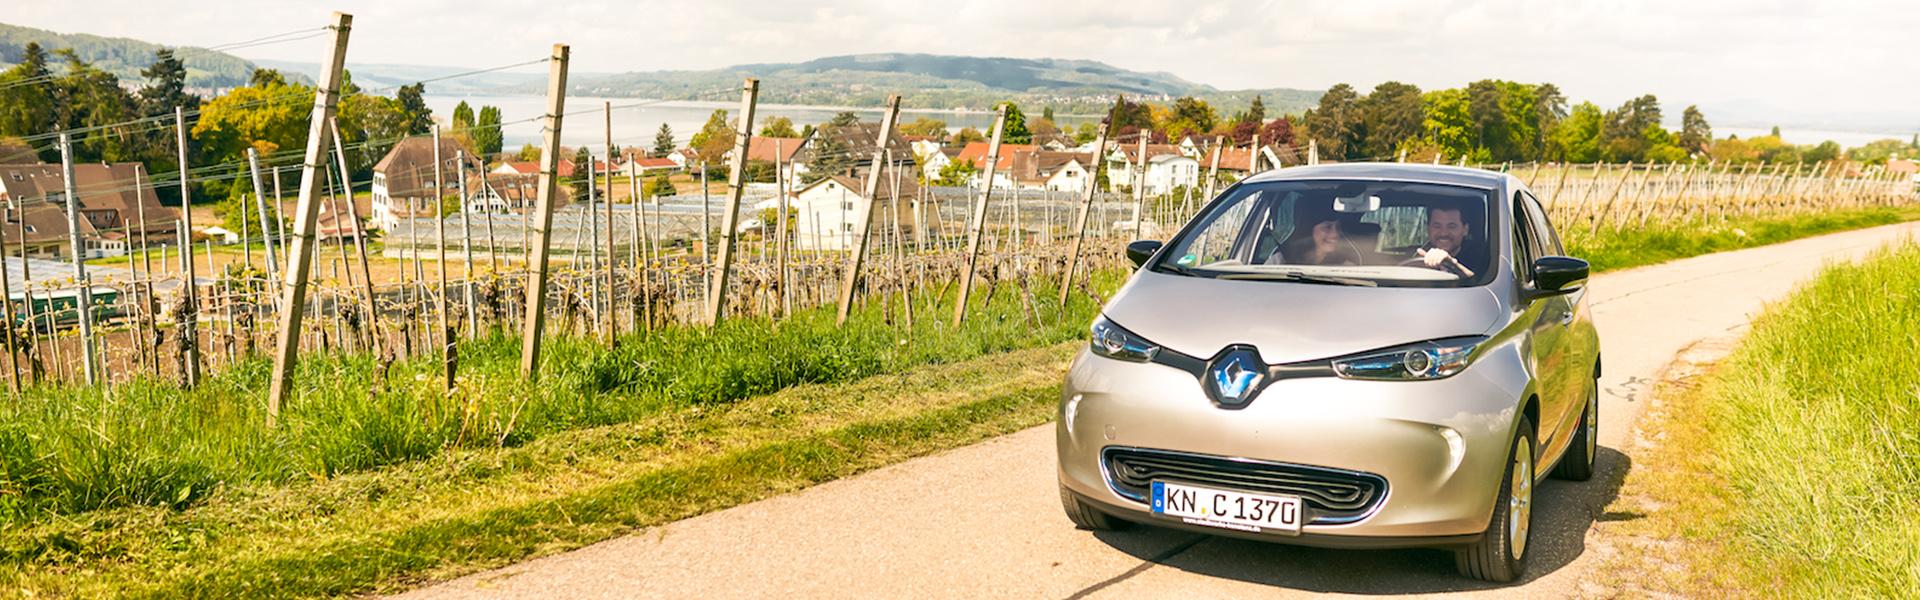 Fahrt mit dem E-Auto durch Weinberge